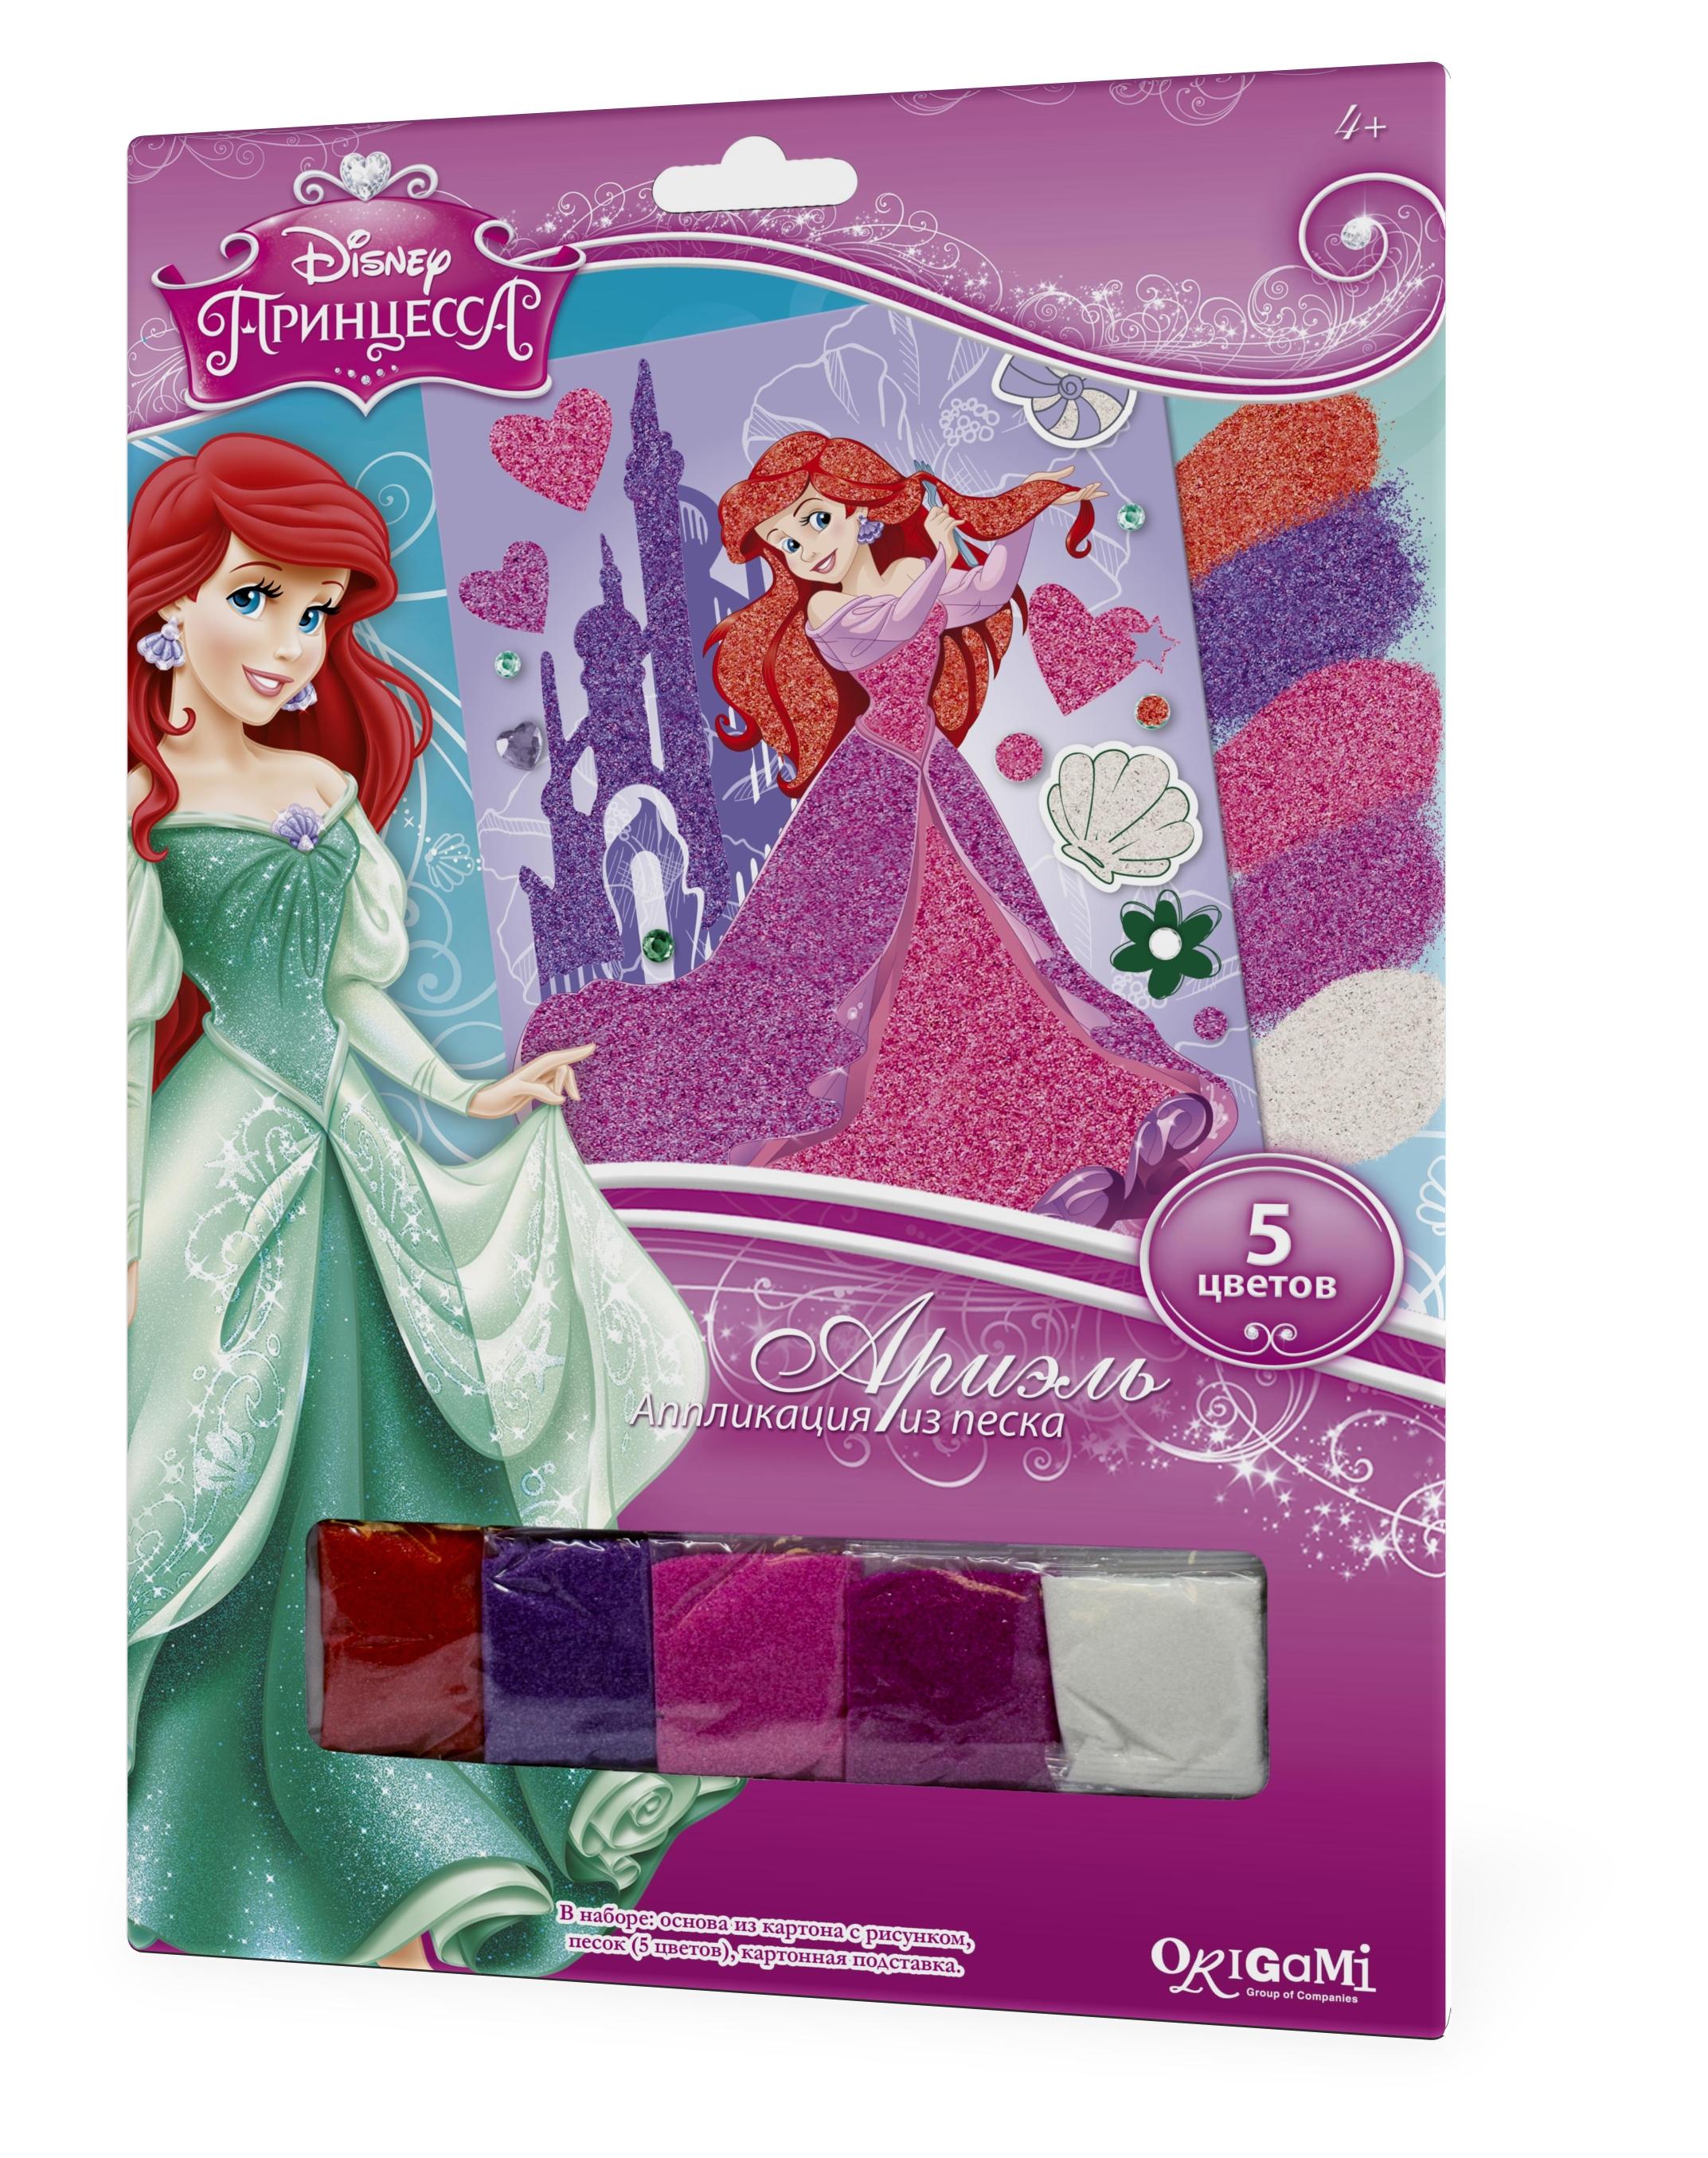 Купить Наборы для творчества, Ариэль в замке, Disney Princess, Китай, Мультиколор